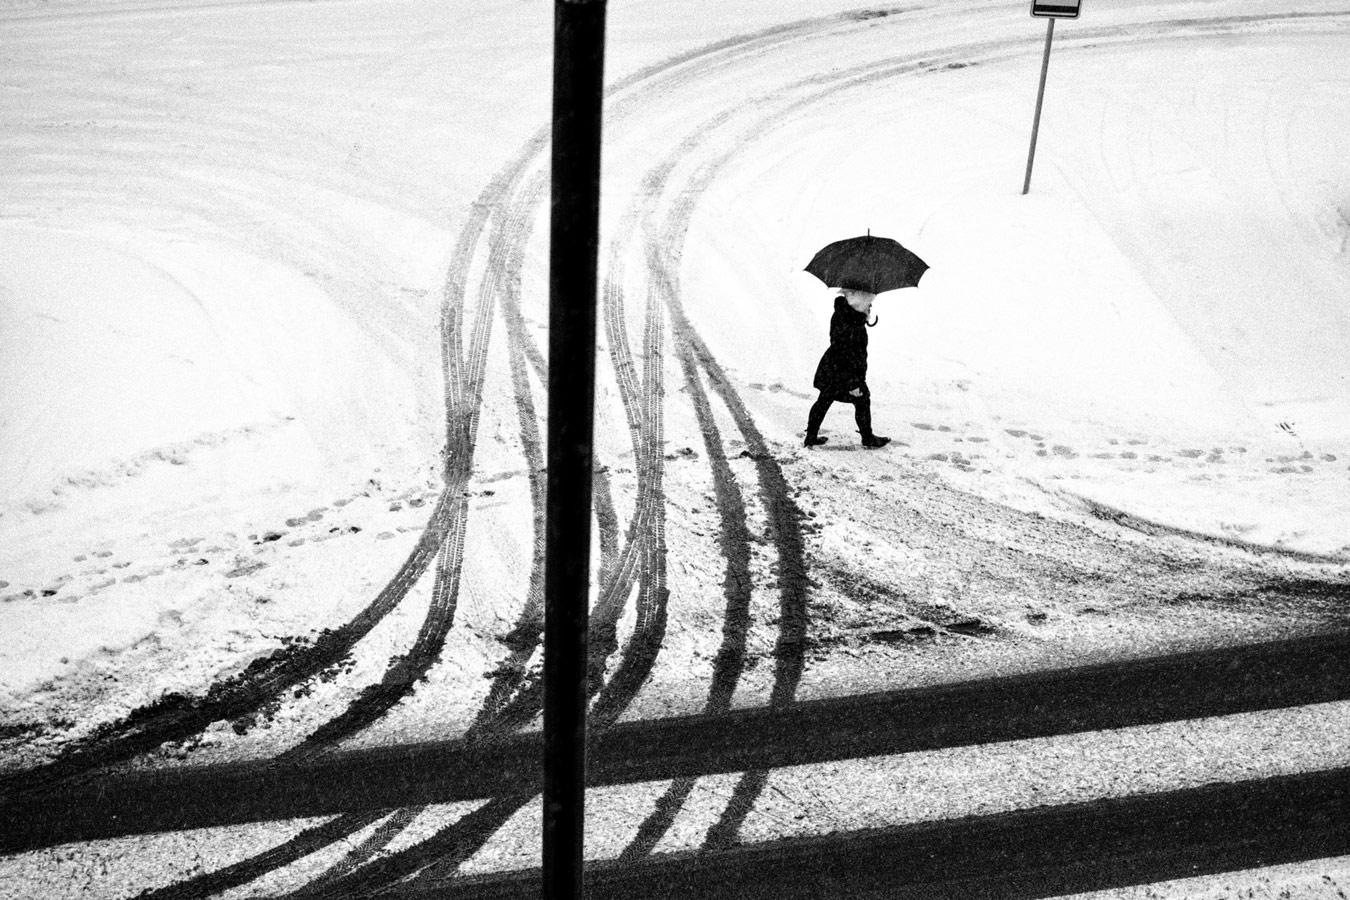 Без названия, © Марсель Колачек, Хомутов, Чехия, Финалист категории «Уличная фотография» : Профессионал, Конкурс фотографии «Перспективы» — Perspectives PhotoPlus Expo